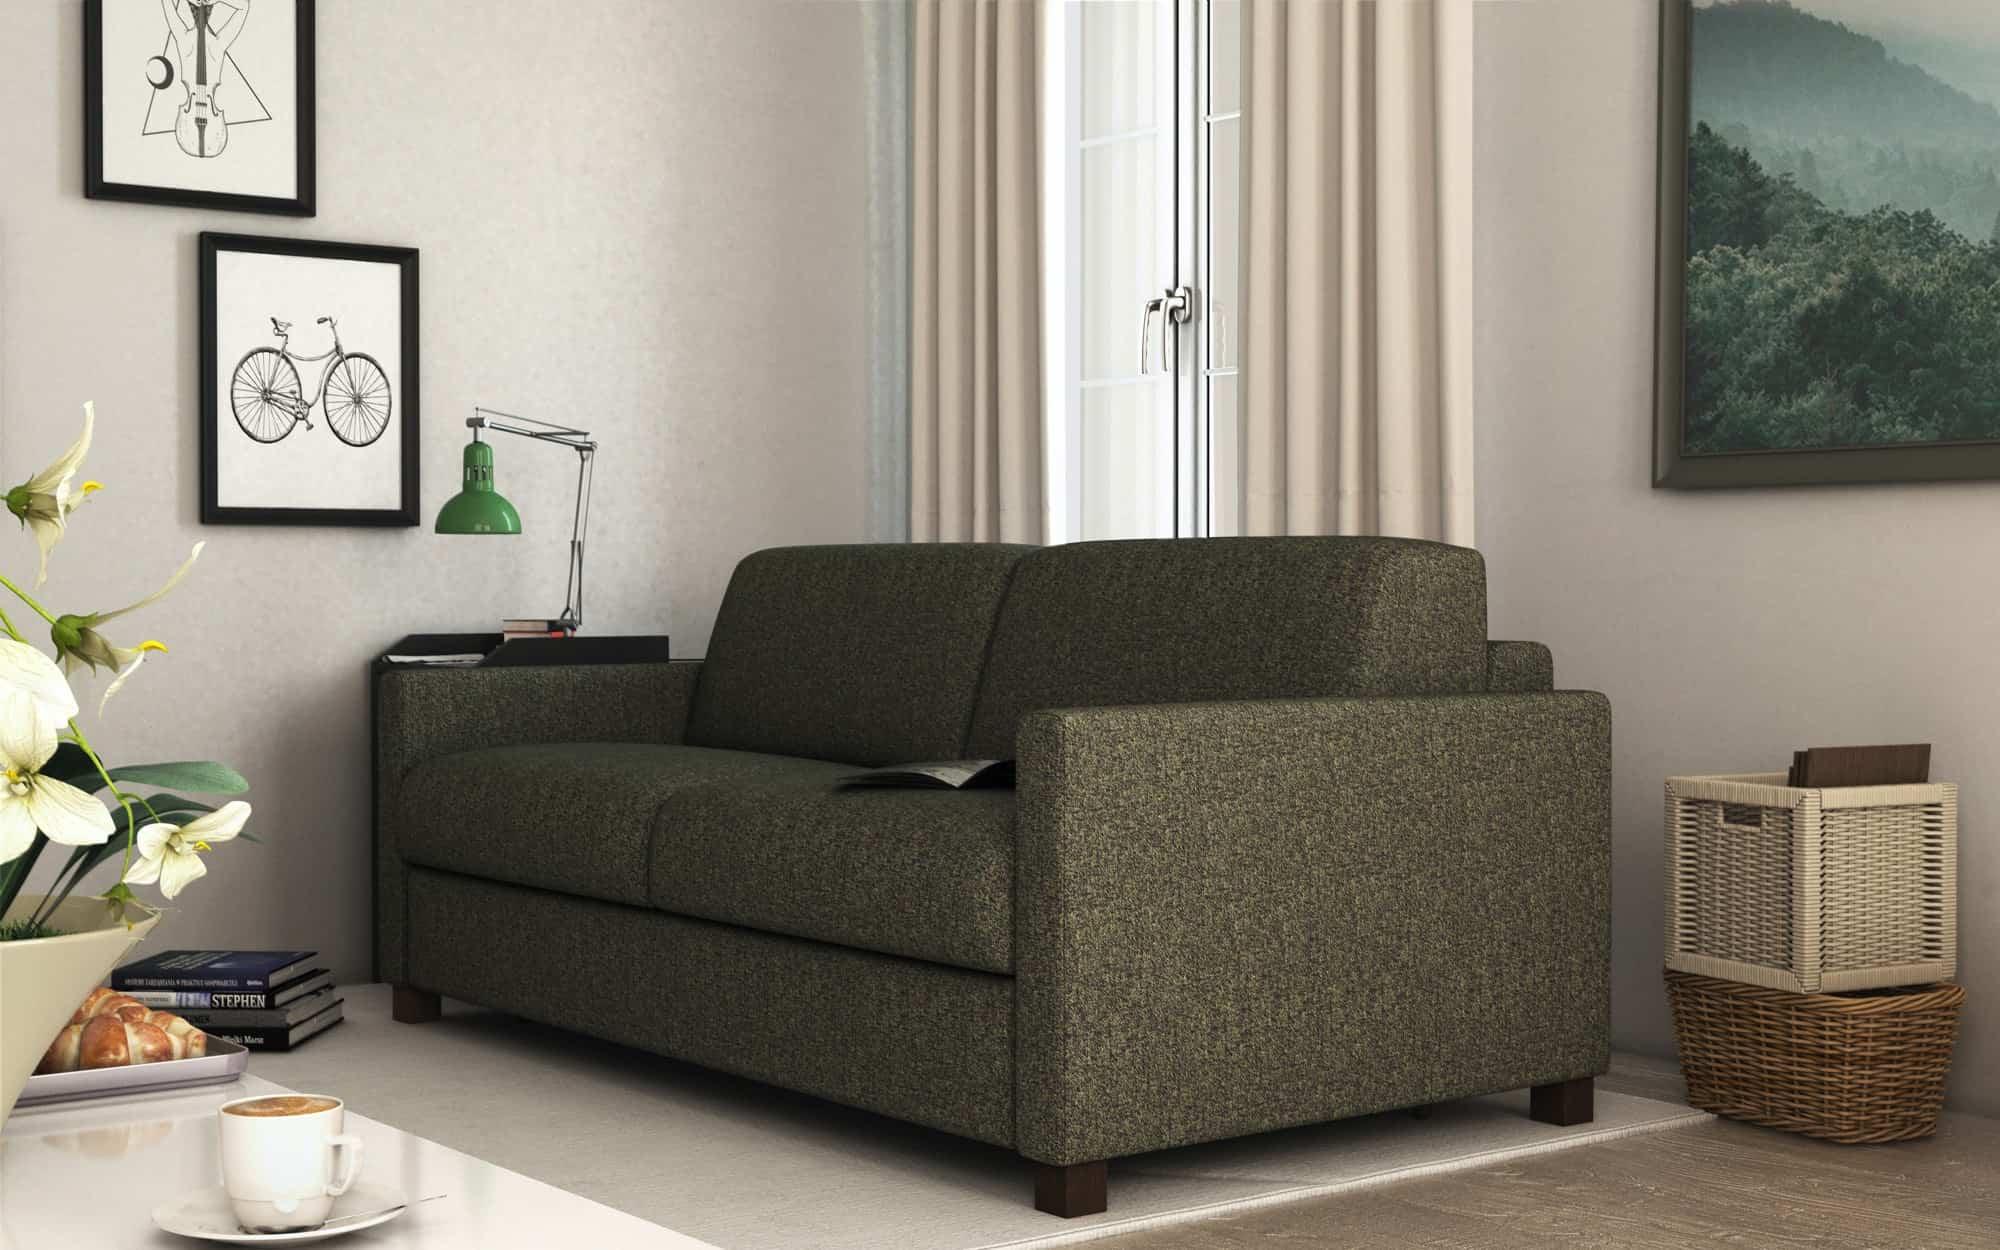 Amerigo small – Linee essenziali, comodità garantita (disponibile anche la versione divano-letto) – Tessuto Pepe Assenzio